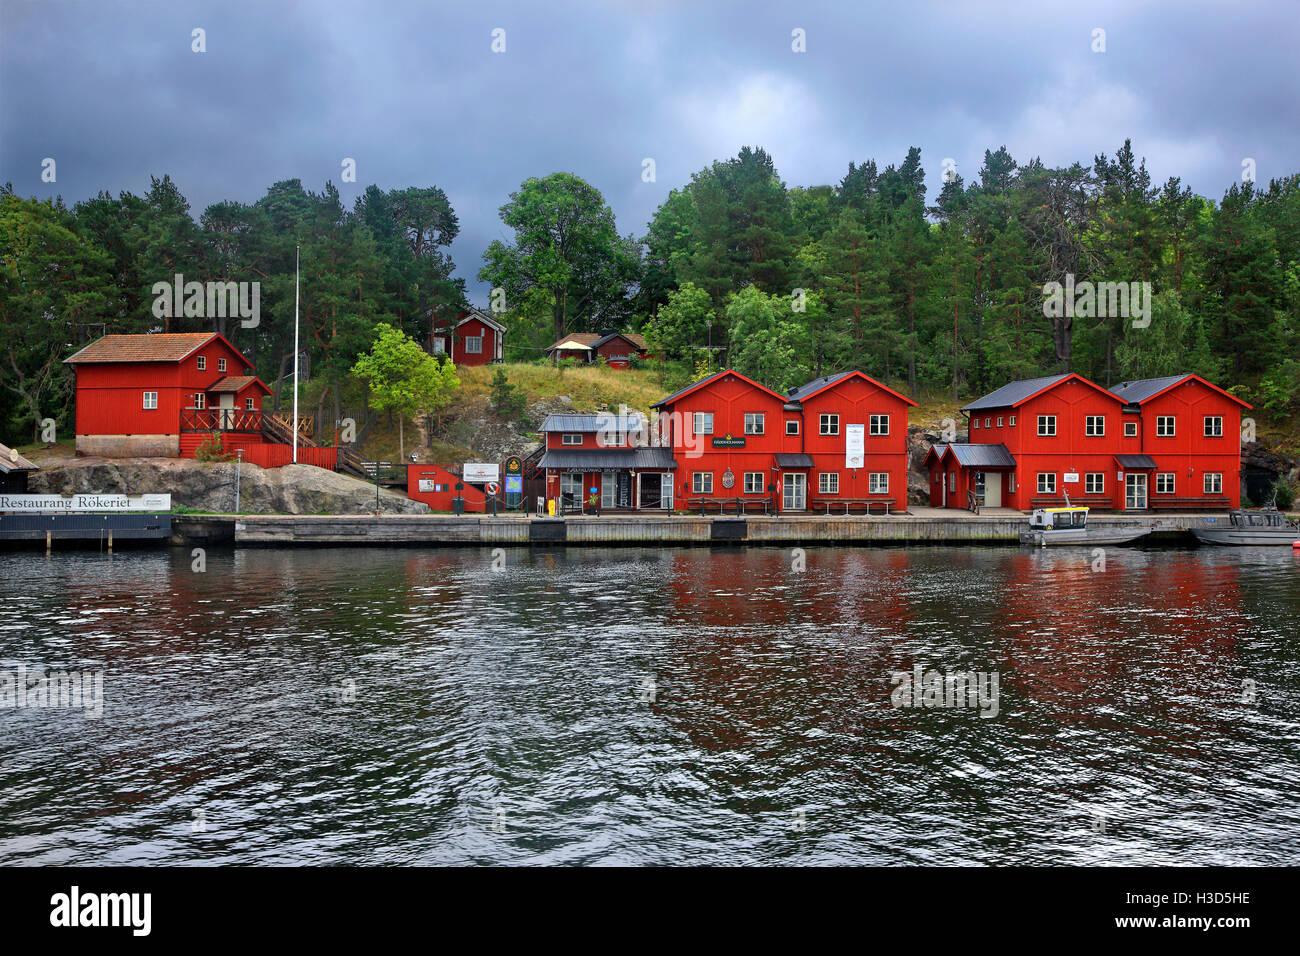 Fjäderholmarna isola nell'arcipelago di Stoccolma, Svezia. Vista dalla nave durante una crociera quotidiana Immagini Stock